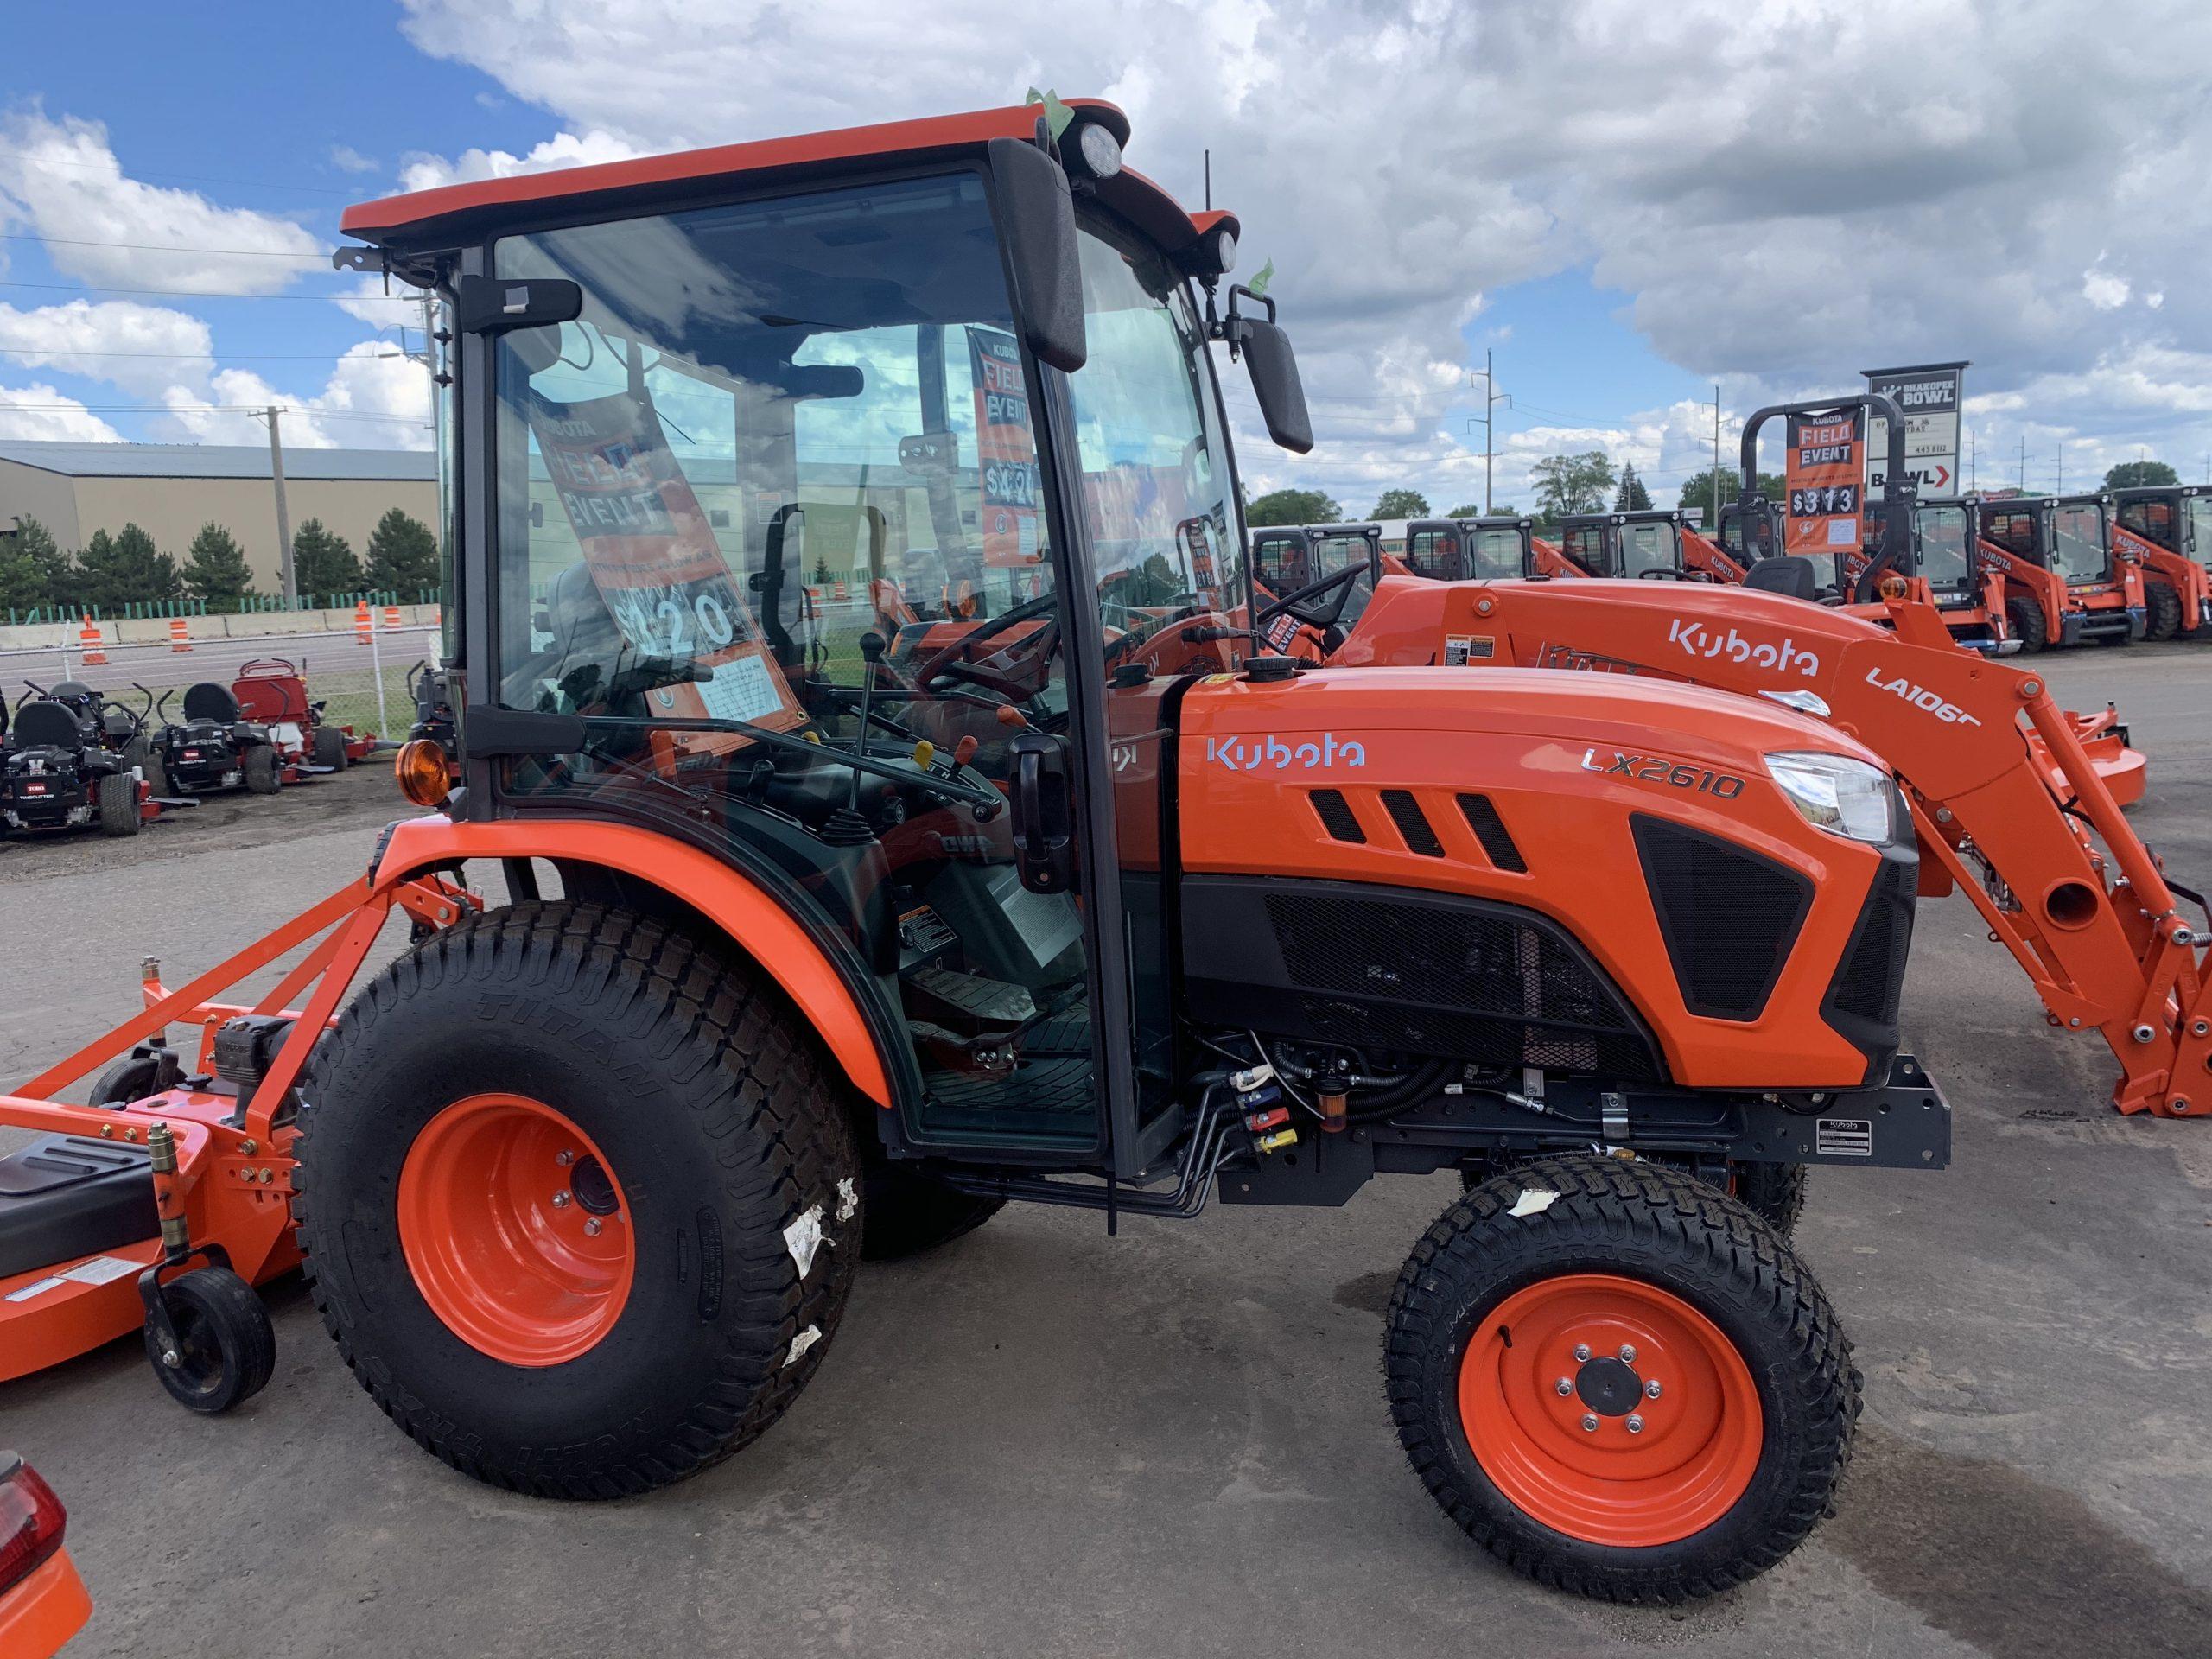 Kubota LX2610 HSDC Compact Tractor - Lano Equipment, Inc.